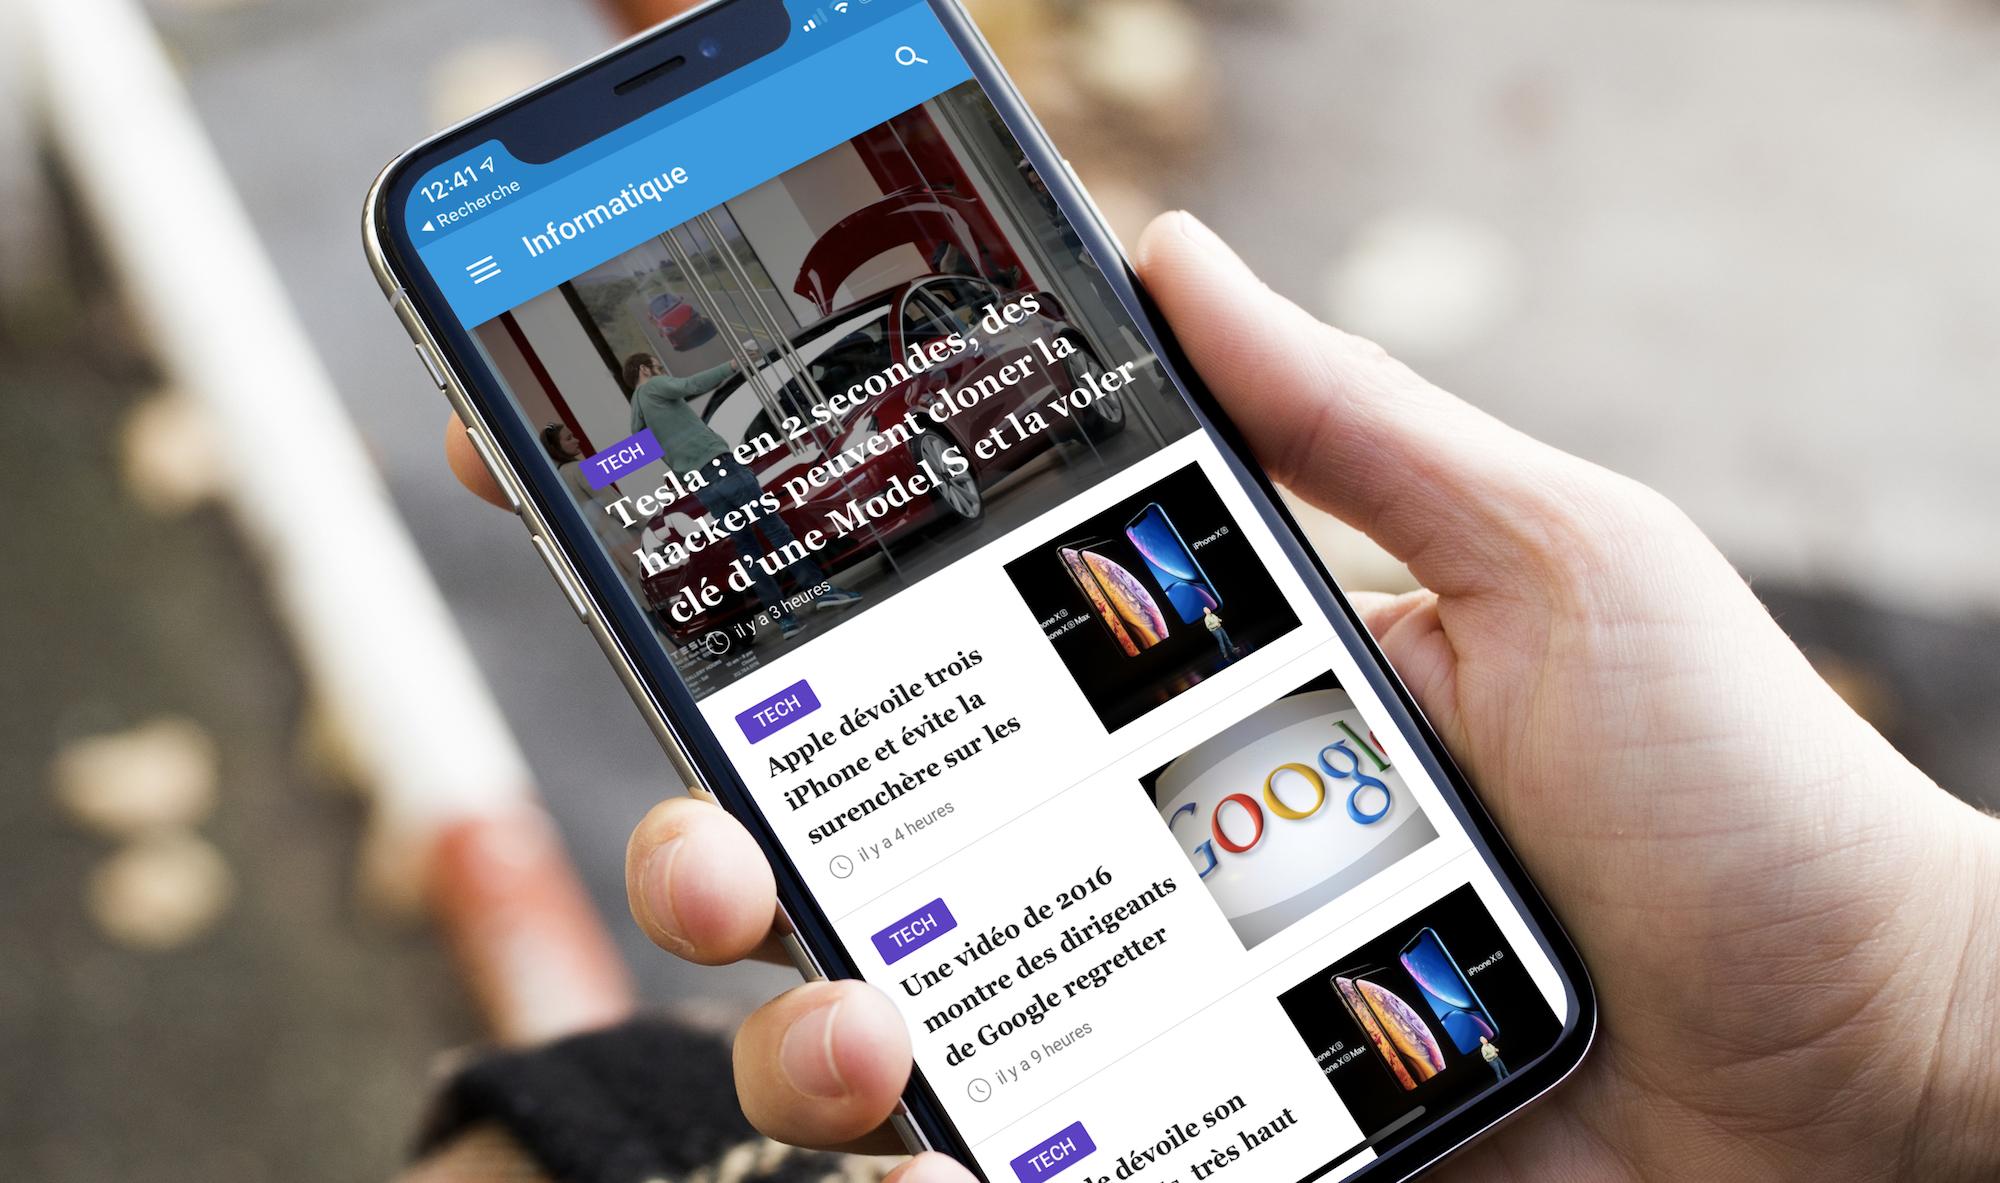 """Nouvelle app d'info en continu : """"24matins"""" iPhone vous fait gagner un iPhone XS, découvrez comment participer ! 1"""